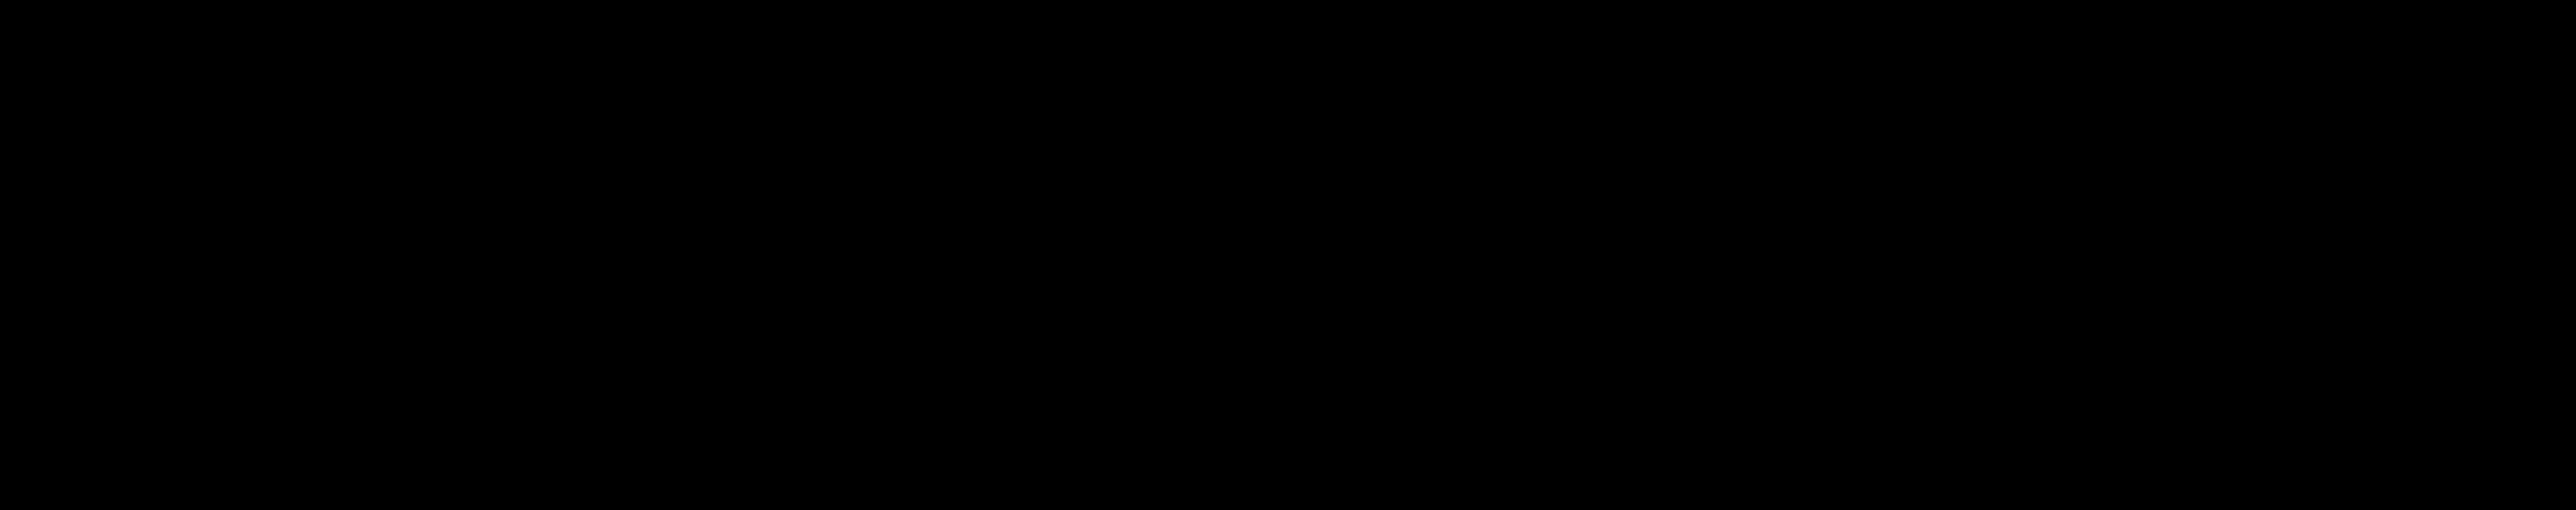 1-O-Feruloyl-3-O-p-coumaroylglycerol